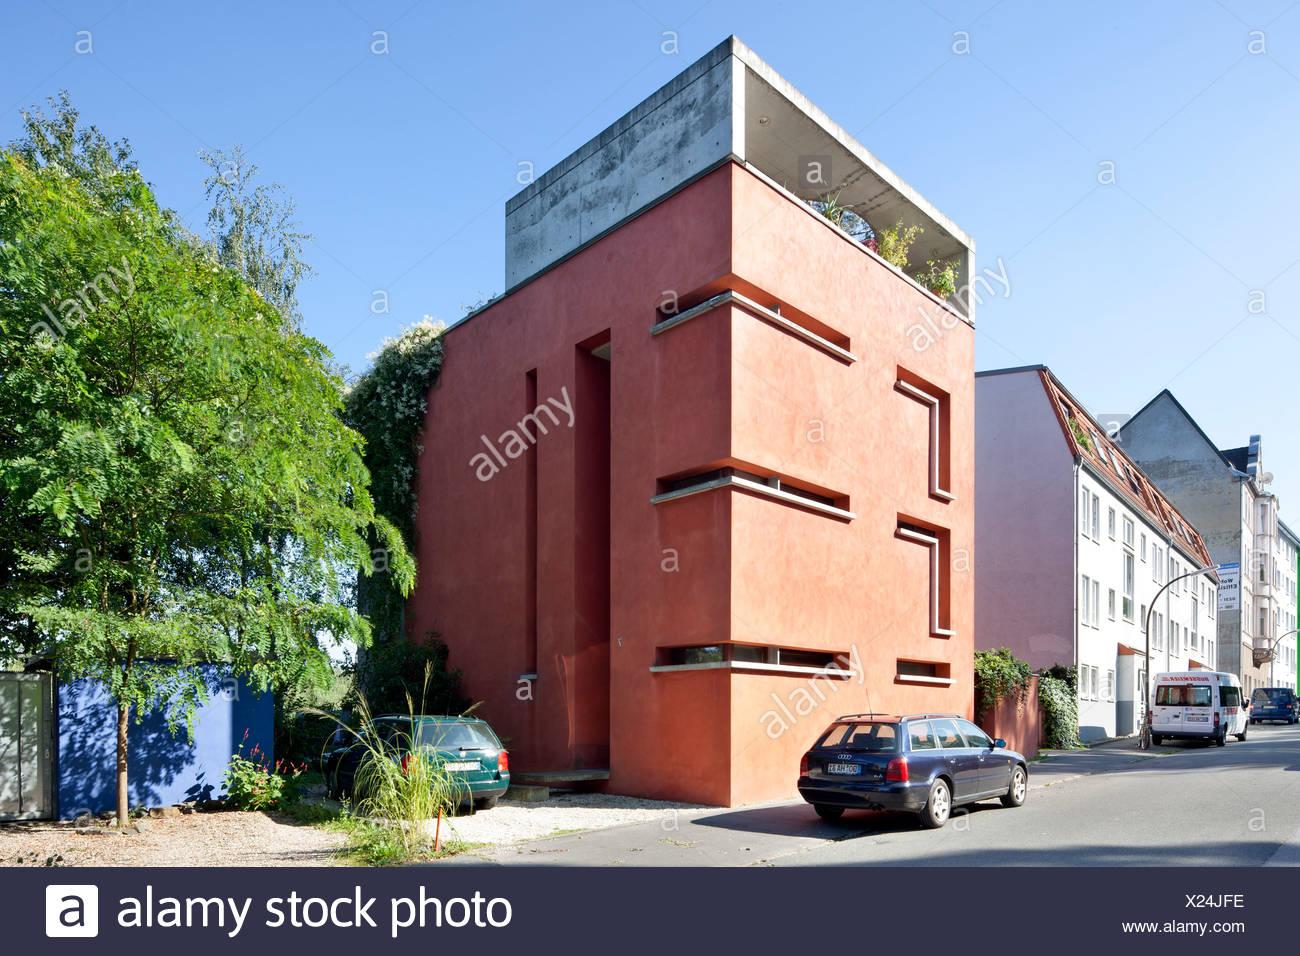 Architekten Dortmund architekten in dortmund bauwerk architekten dortmund haus n bad